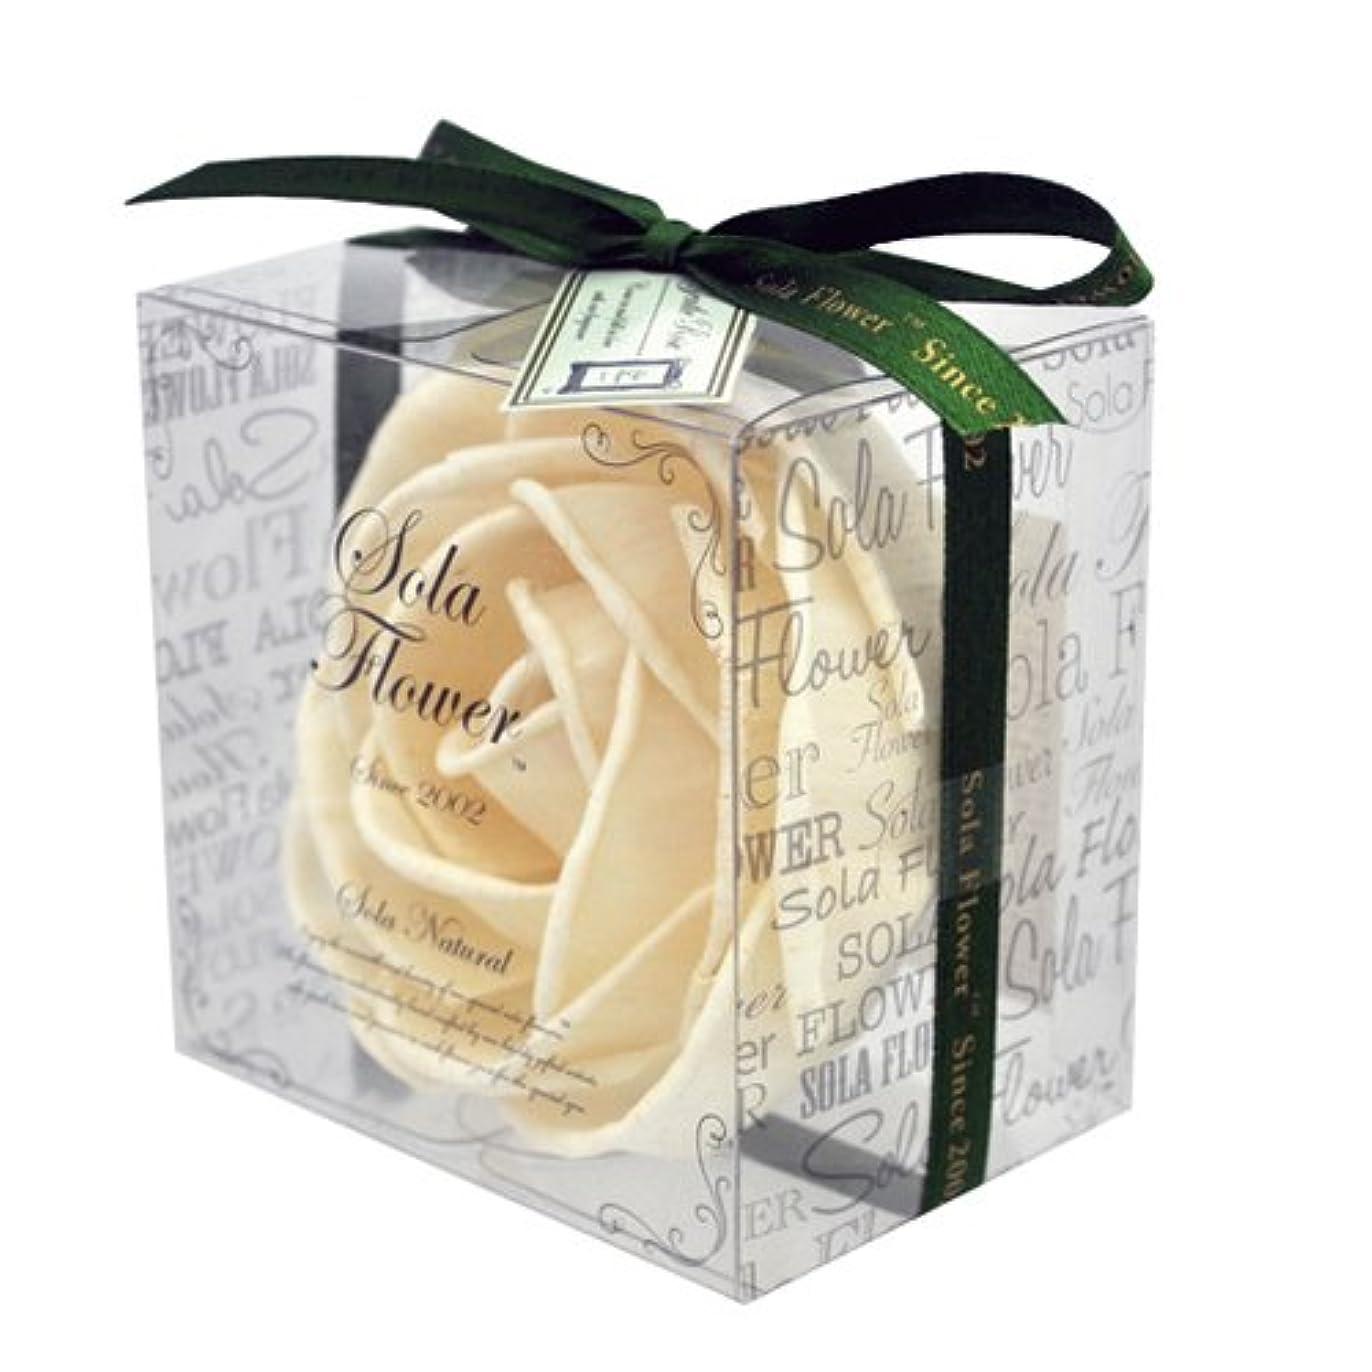 ピュー書く取り扱いnew Sola Flower ソラフラワー ナチュラル Gentle Rose ジェントルローズ Natural